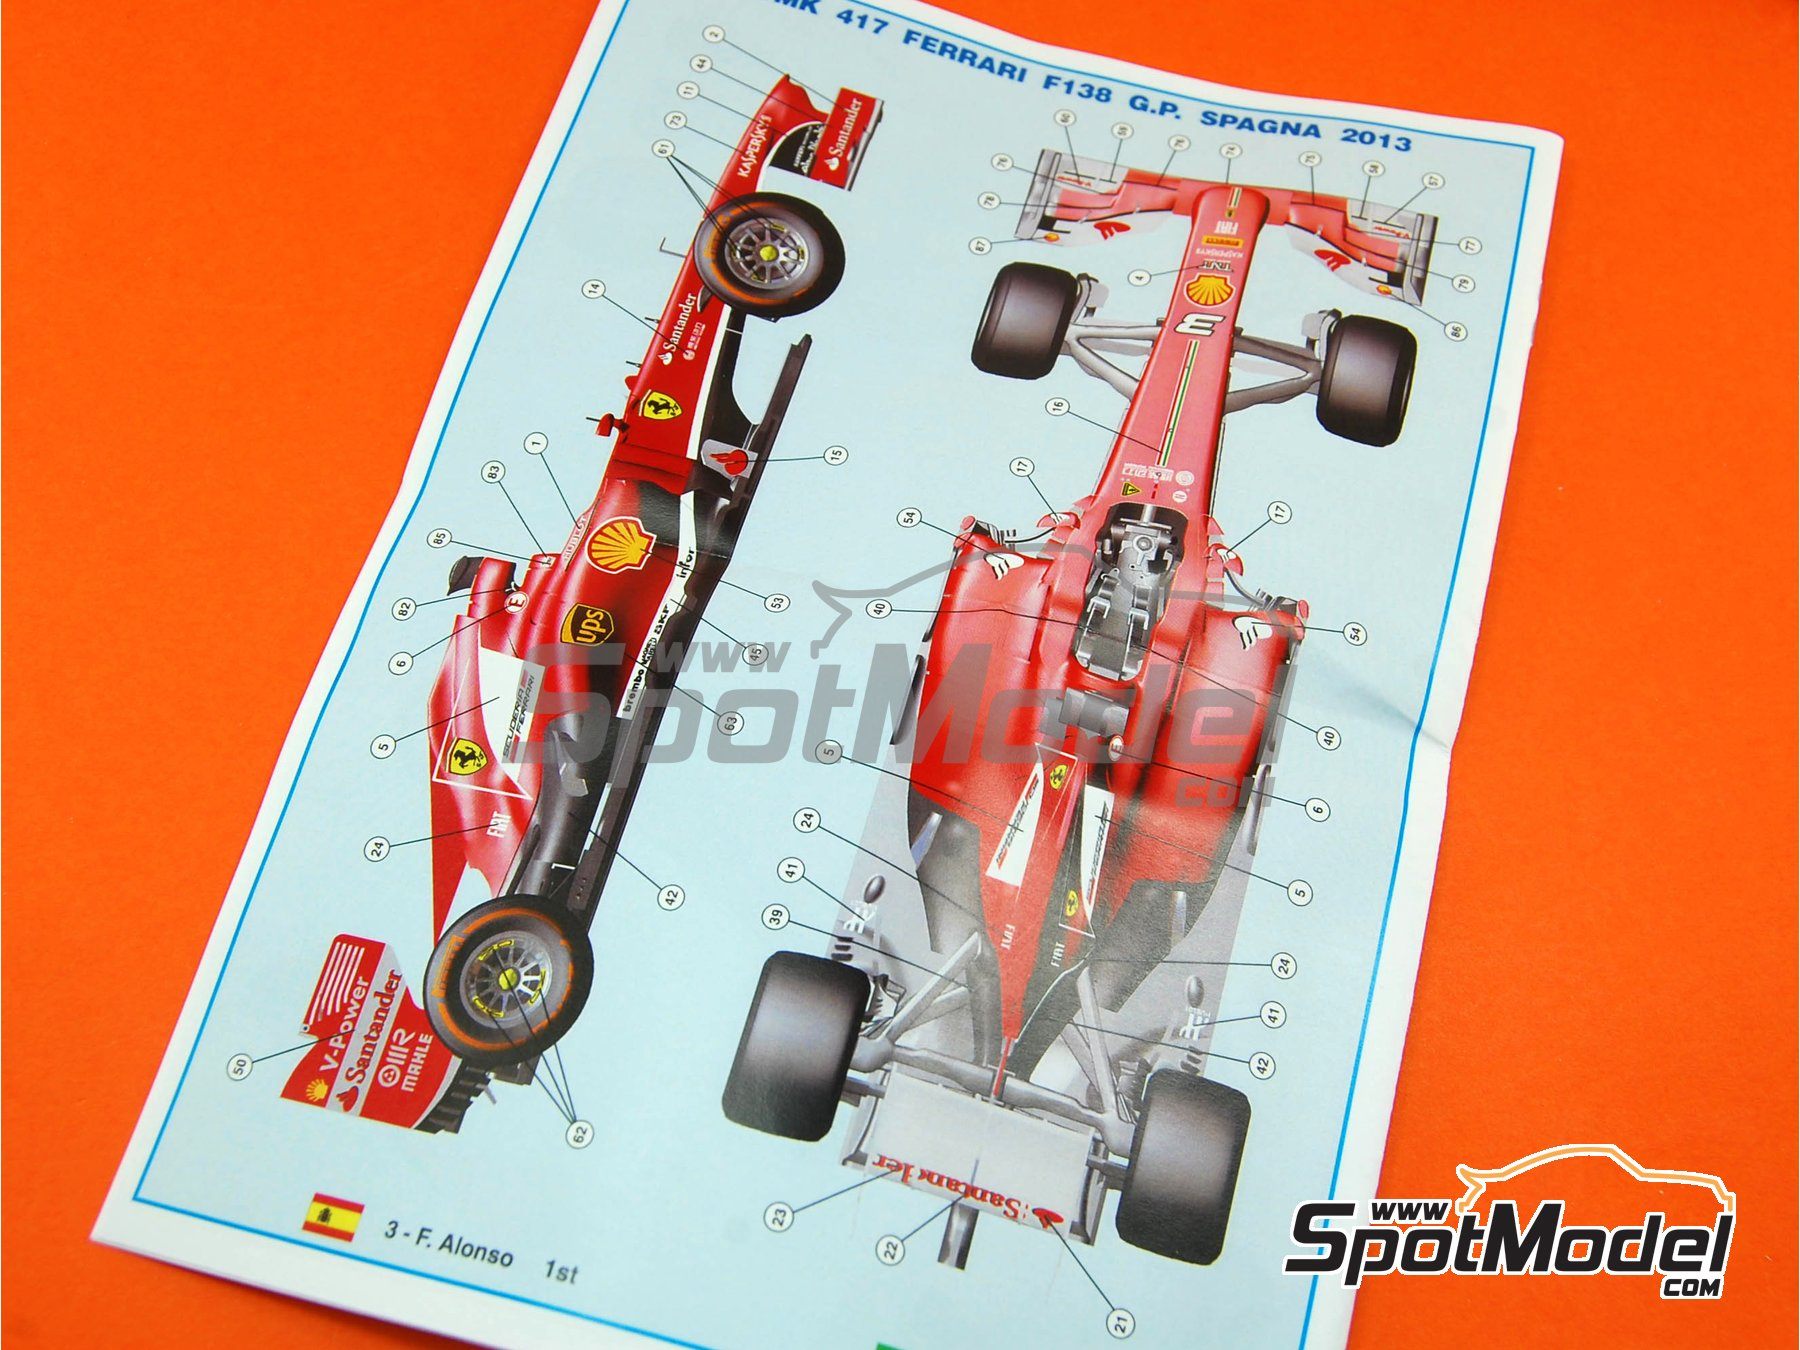 Image 4: Ferrari F138 F2013 Banco Santander - Gran Premio de Fórmula 1 de España 2013 | Maqueta de coche en escala1/43 fabricado por Tameo Kits (ref.TMK417)